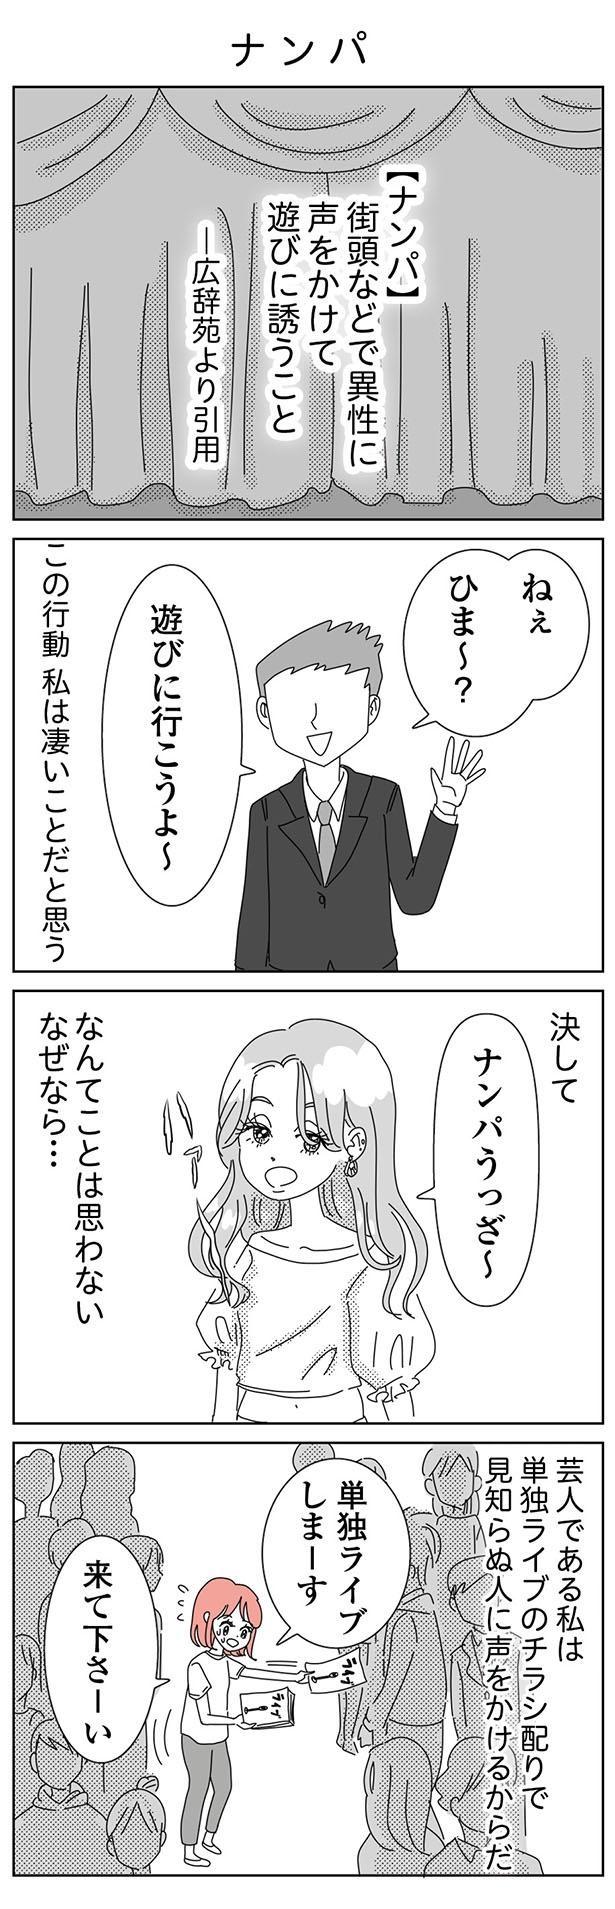 【漫画を読む】「ナンパはすごい」(1/8)